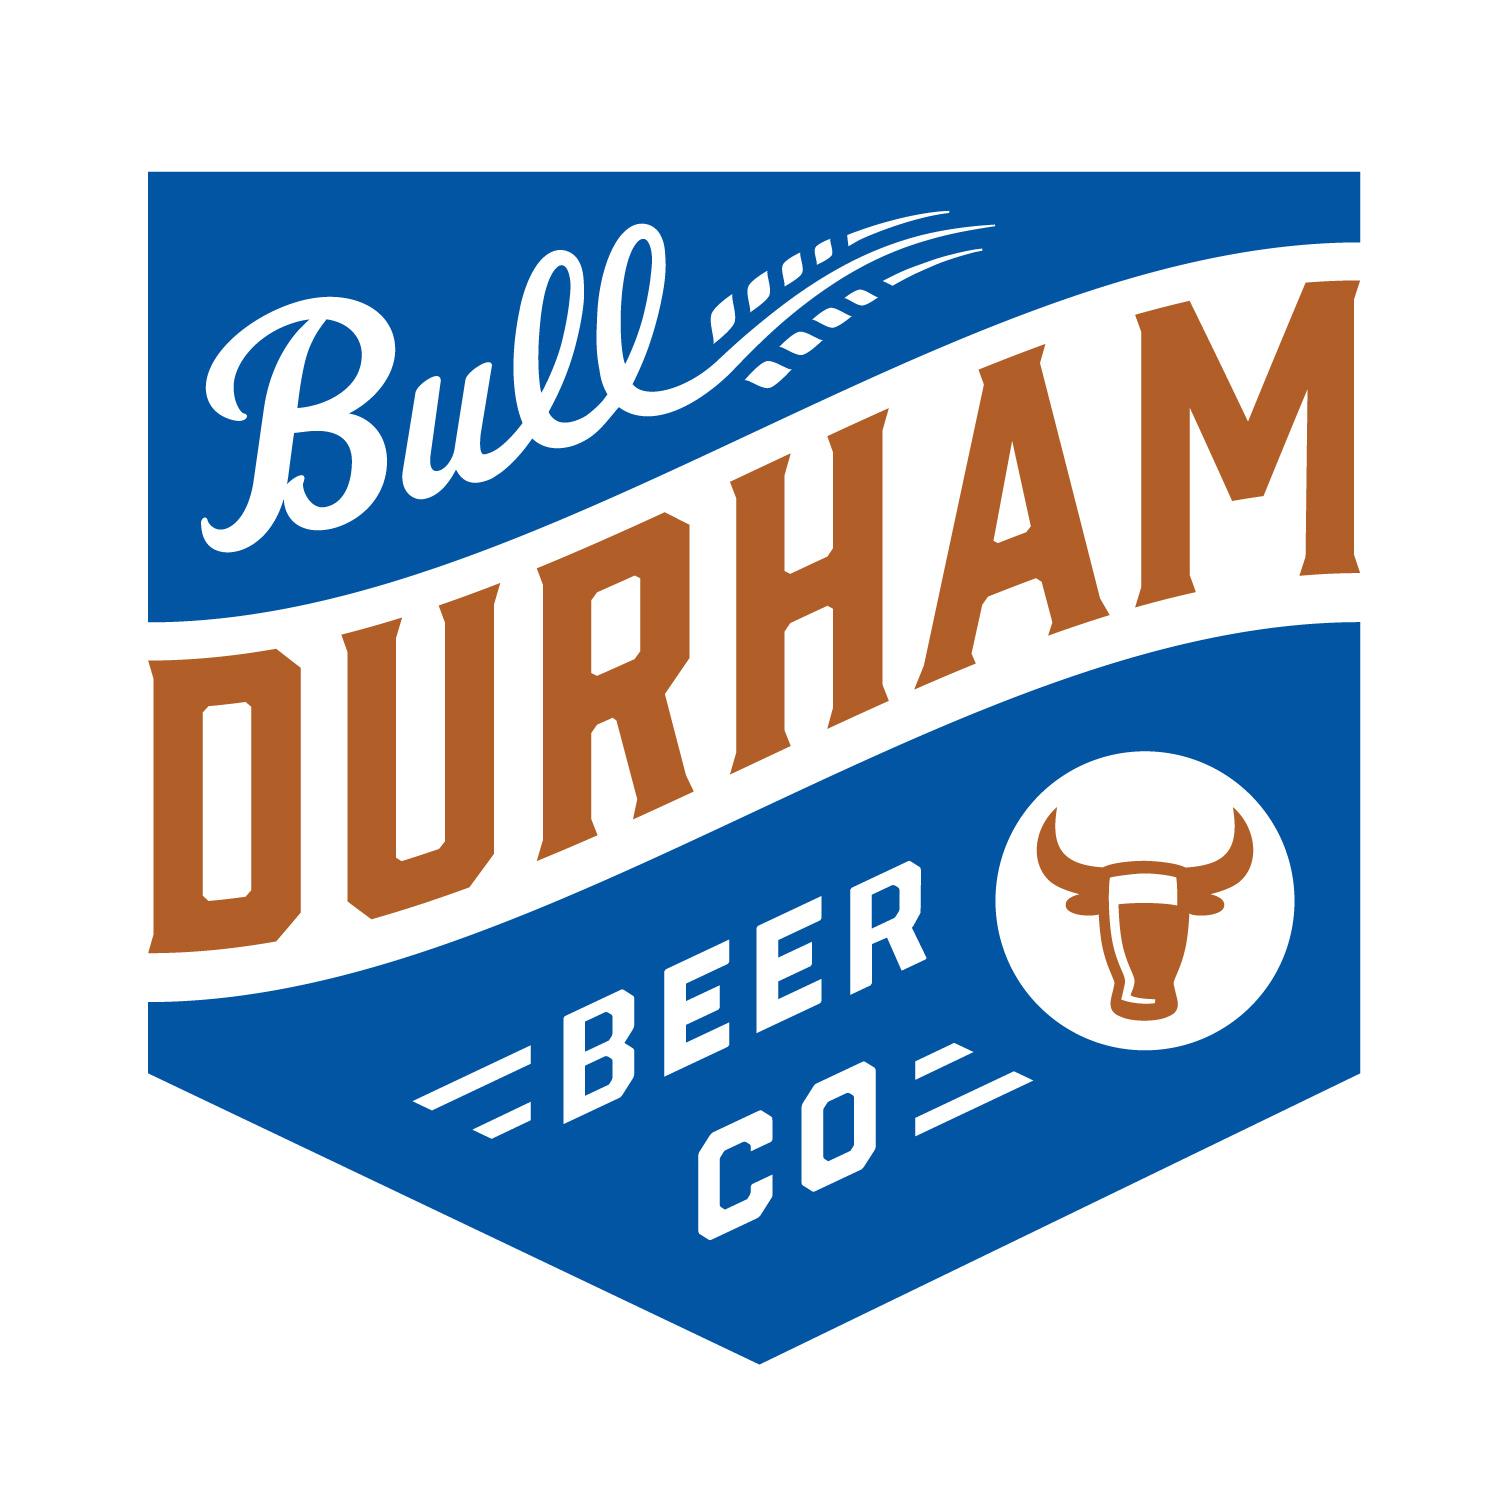 Sponsor Bull Durham Beer Co